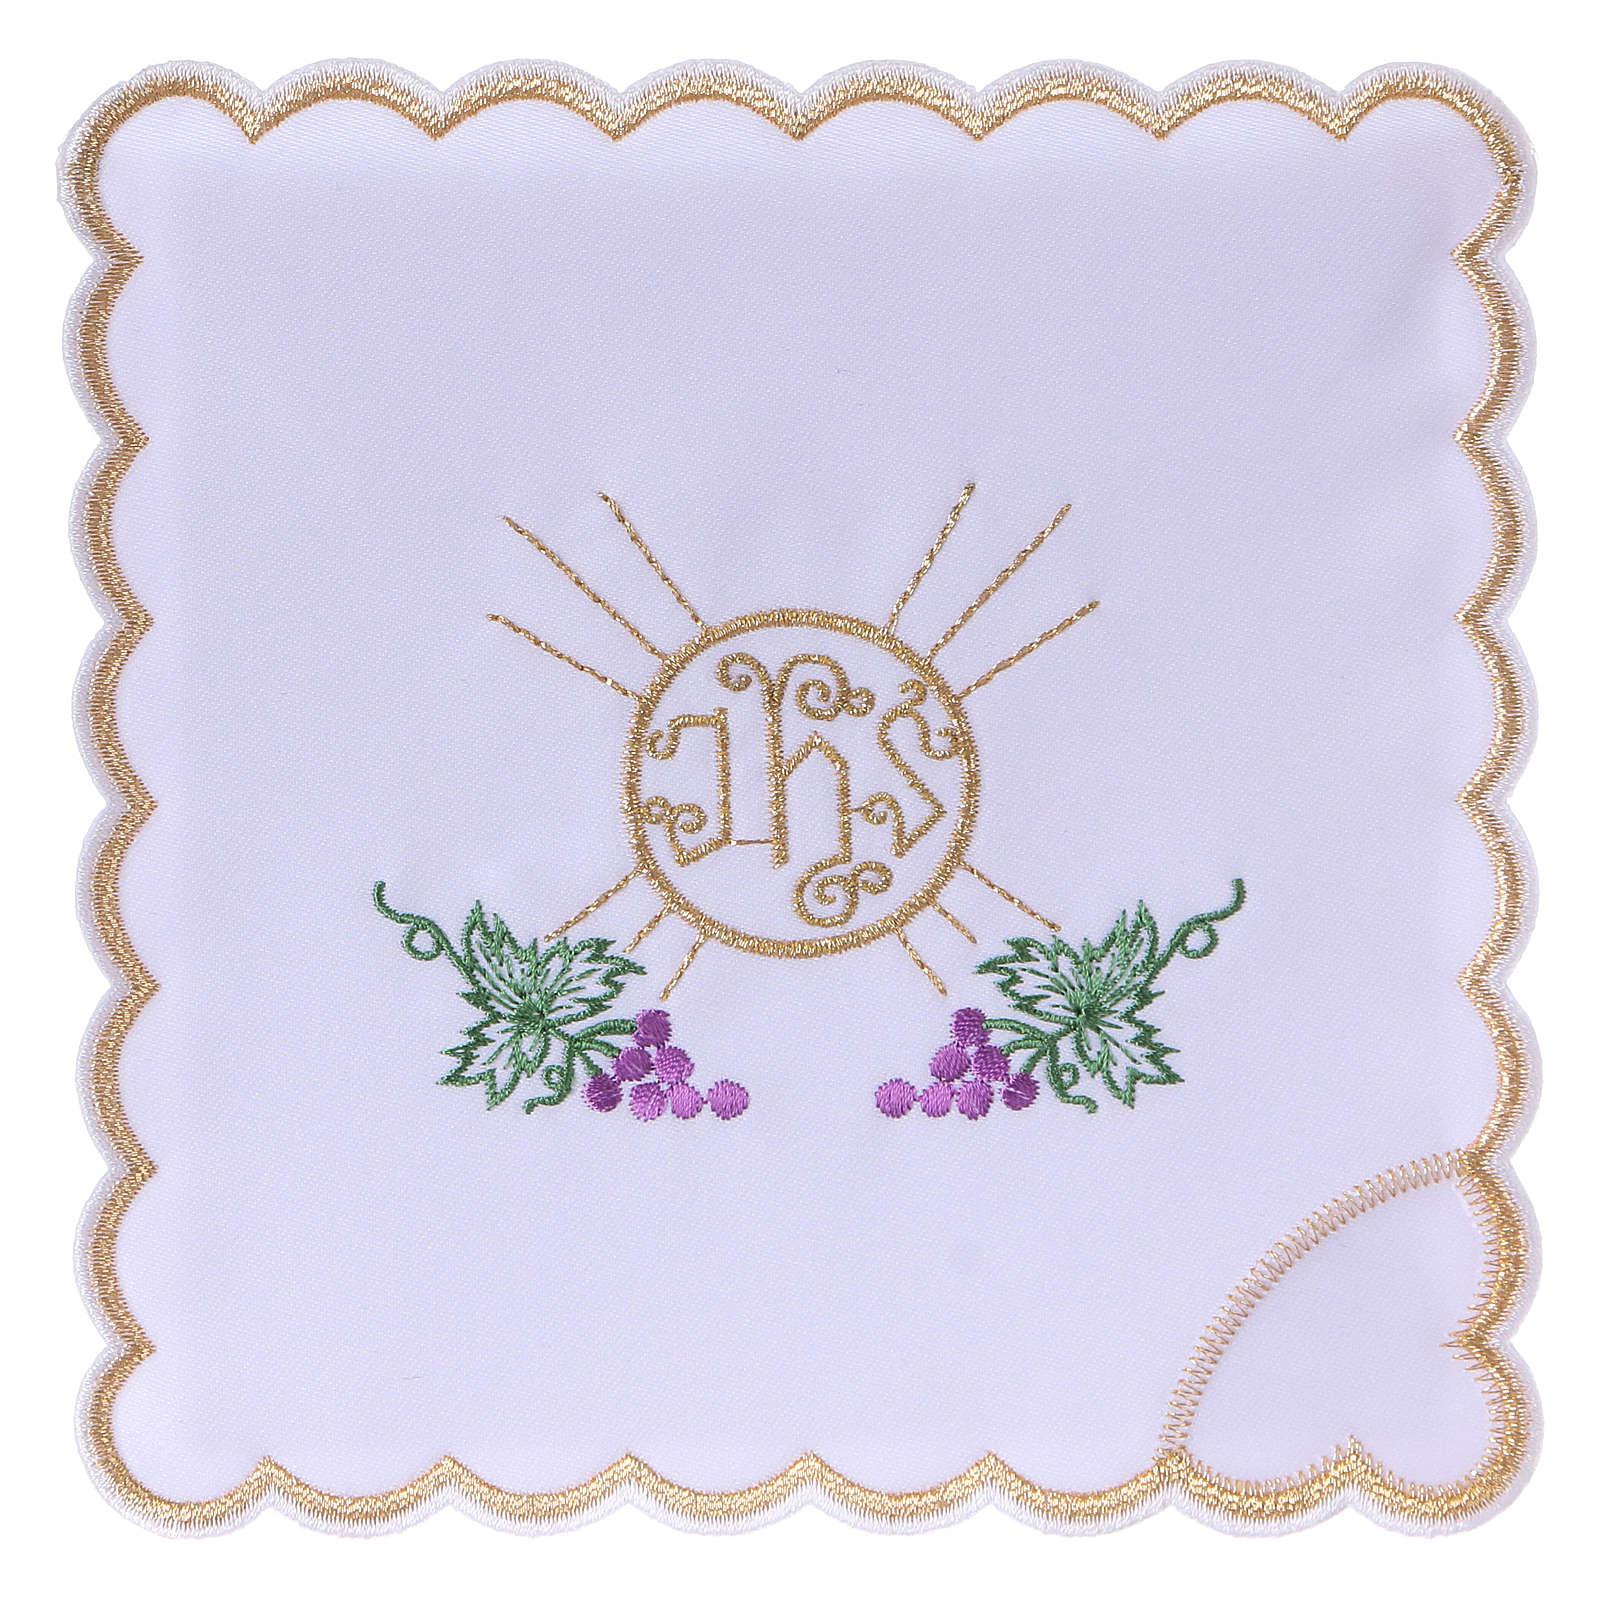 Servizio da altare cotone grappoli uva foglie ostia simbolo JHS 4